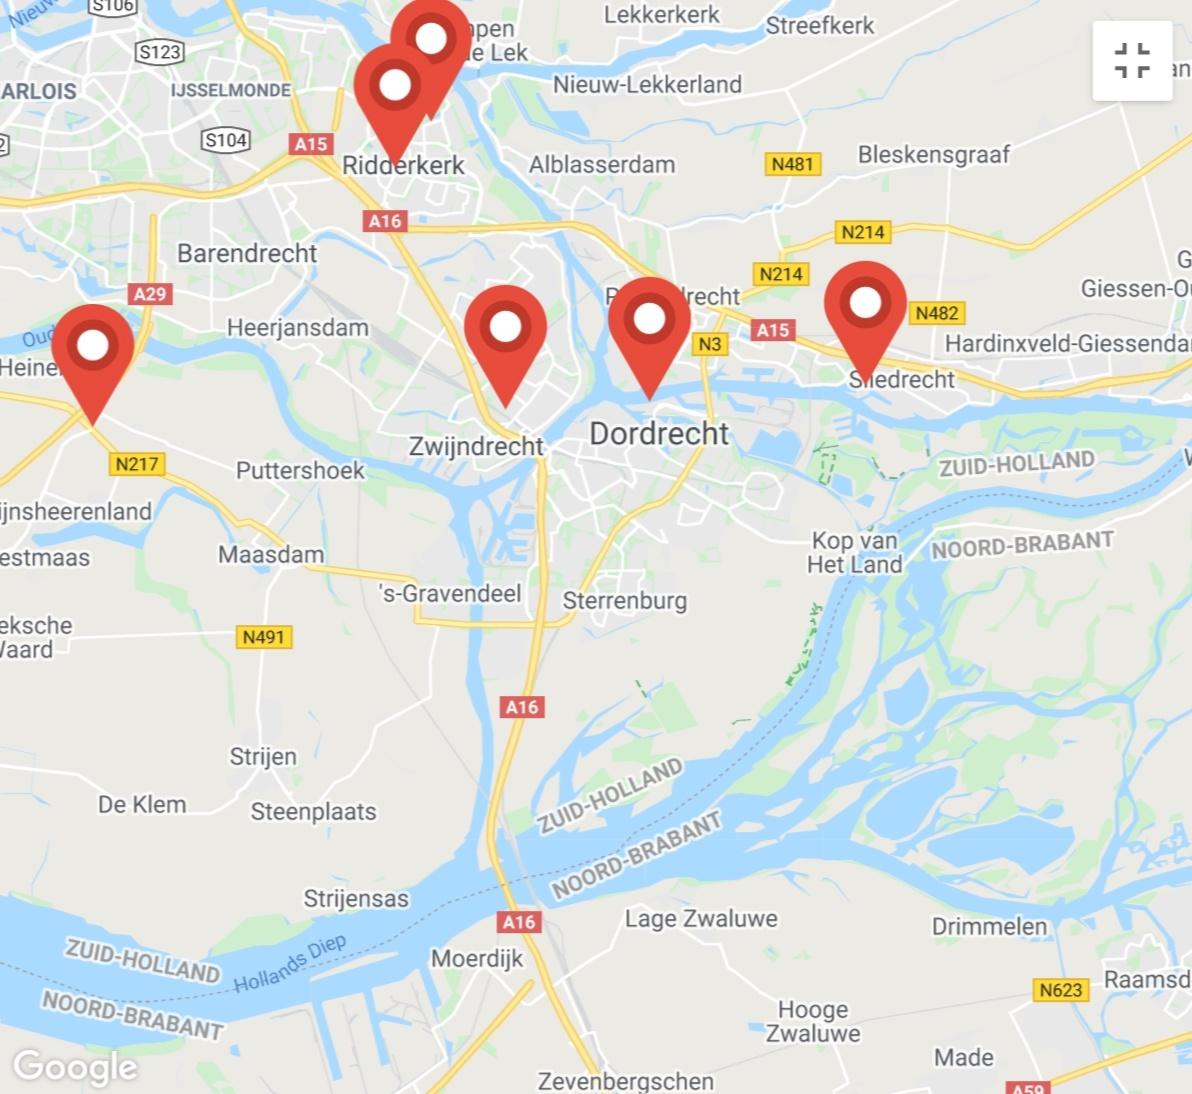 Coronatest locaties Zwijndrecht - coronatest-zwijndrecht.com